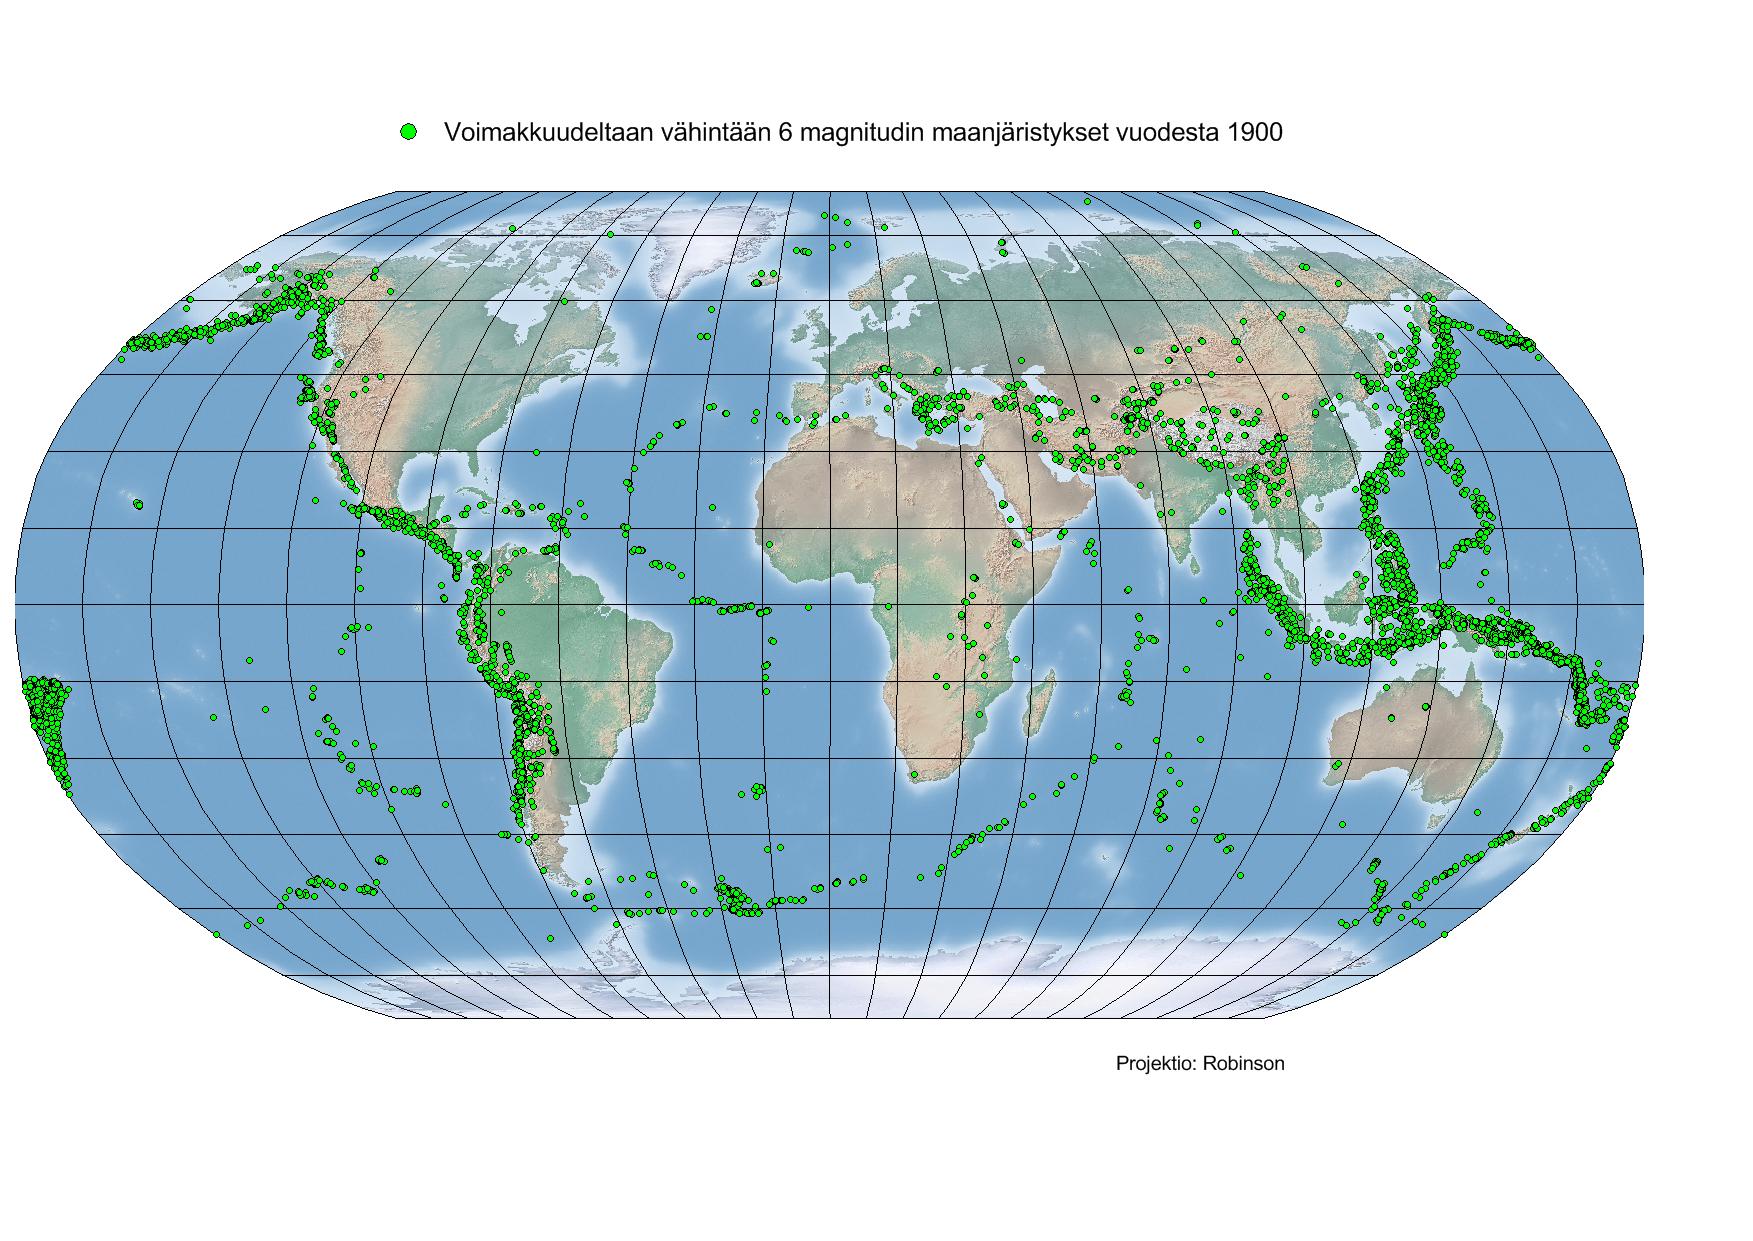 Kuva 1. Vähintään 6 magnitudin maanjäristykset alkaen vuodesta 1900. (Lähde: NOAA)